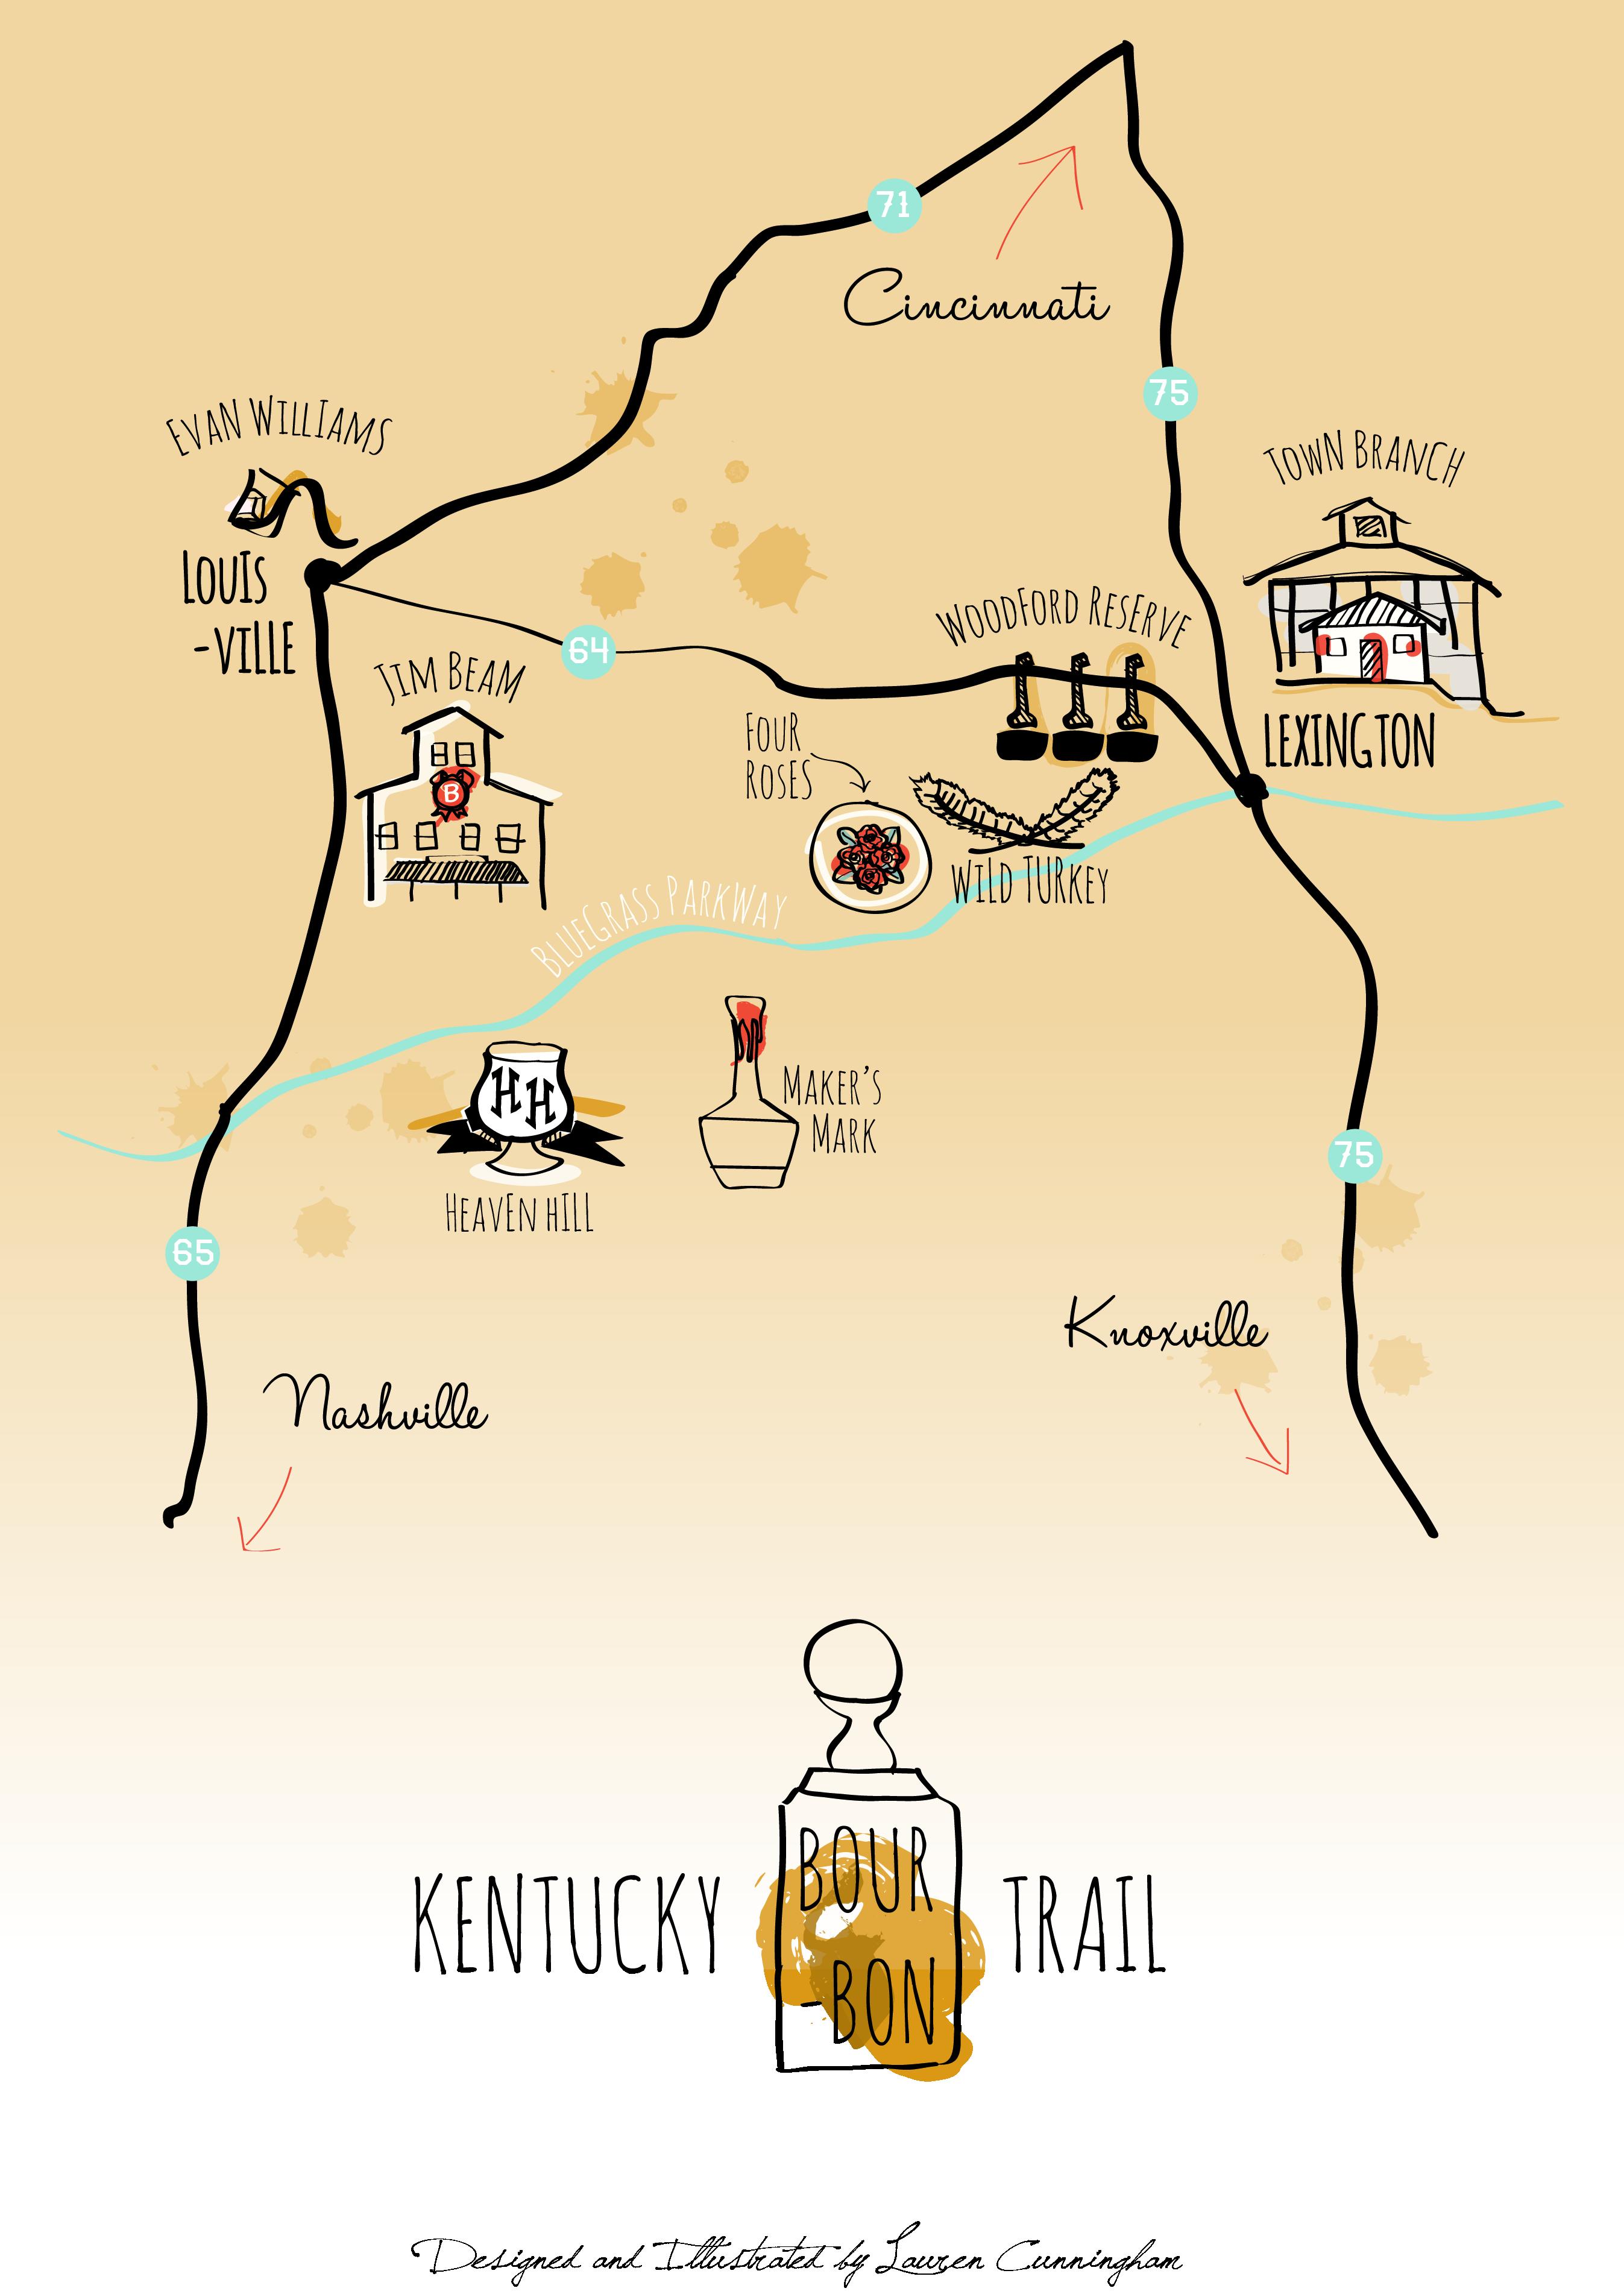 Kentucky Bourbon Trail Map